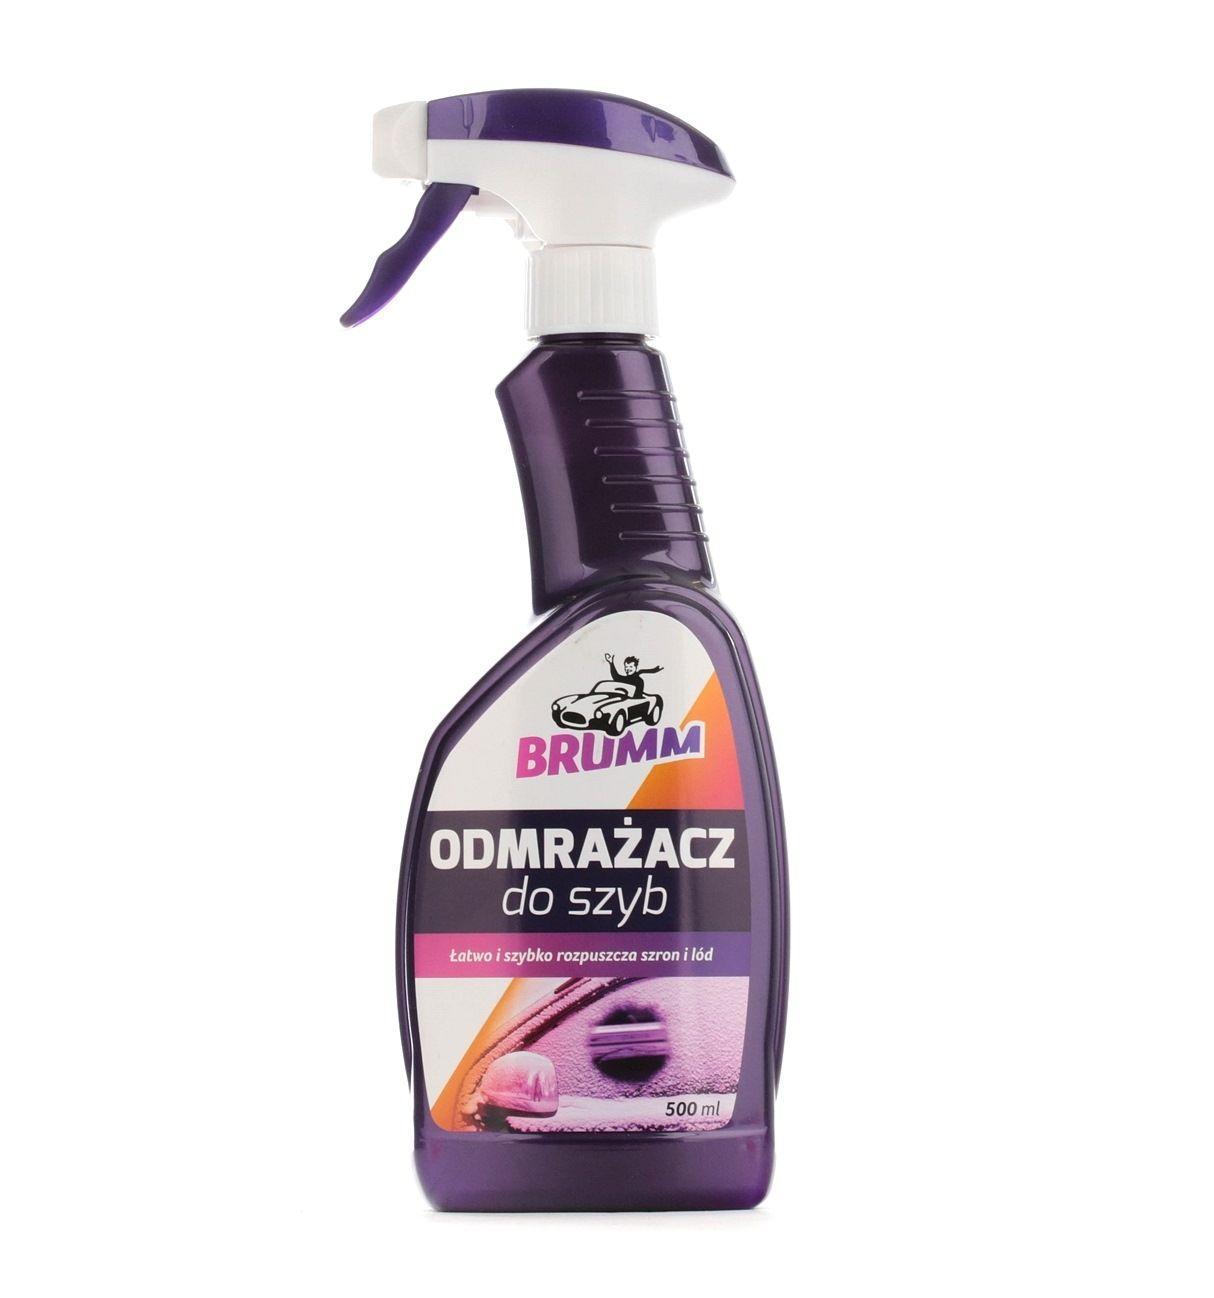 Enteiser-Spray BRUMM BROS05 Bewertung